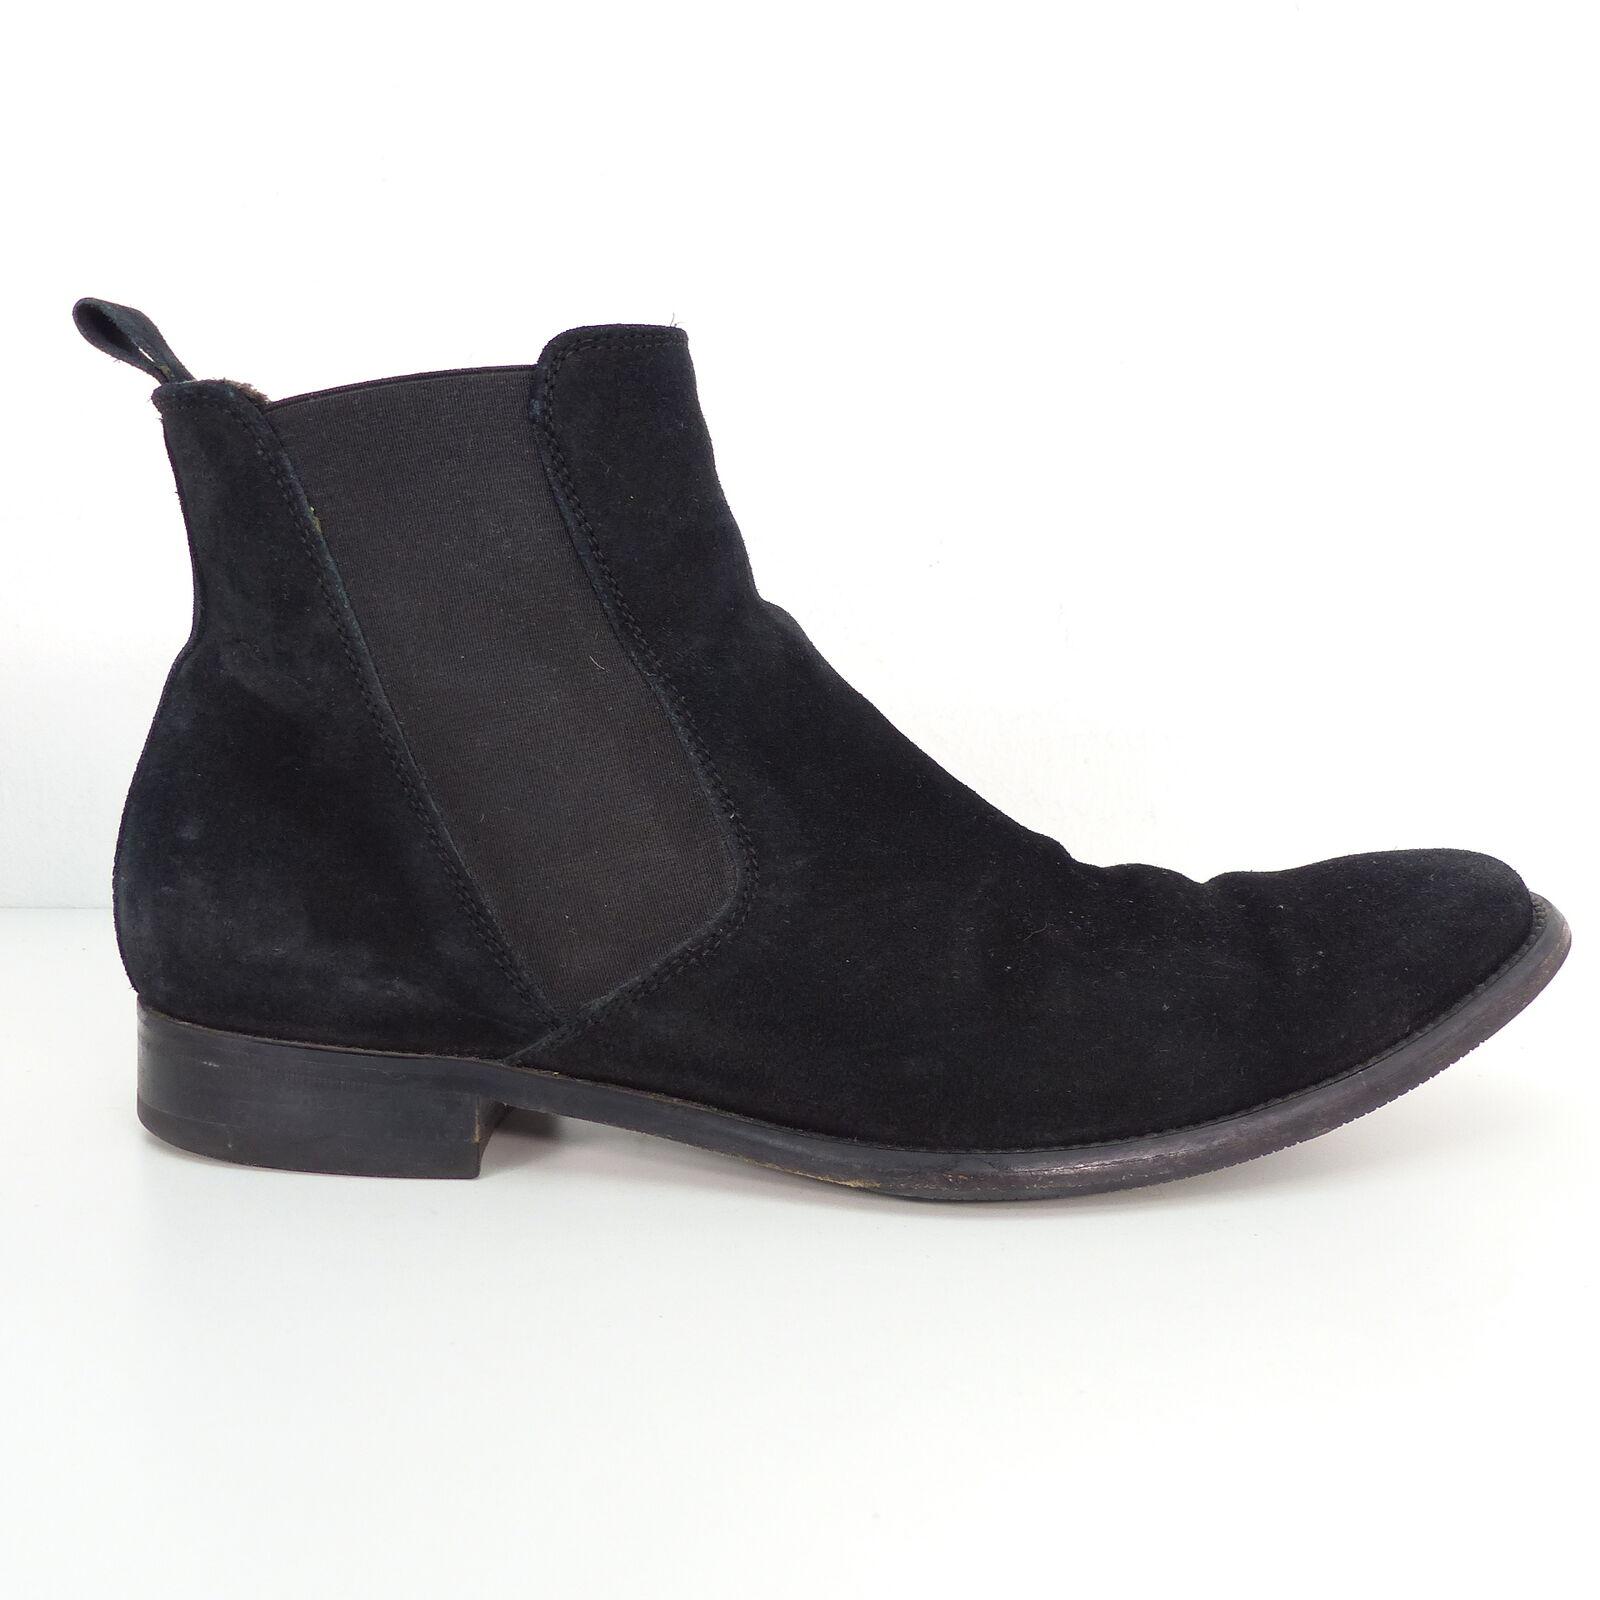 Joss Suede chelsea botas Echt Leder negro Gr. caballeros botas zapatos Sho